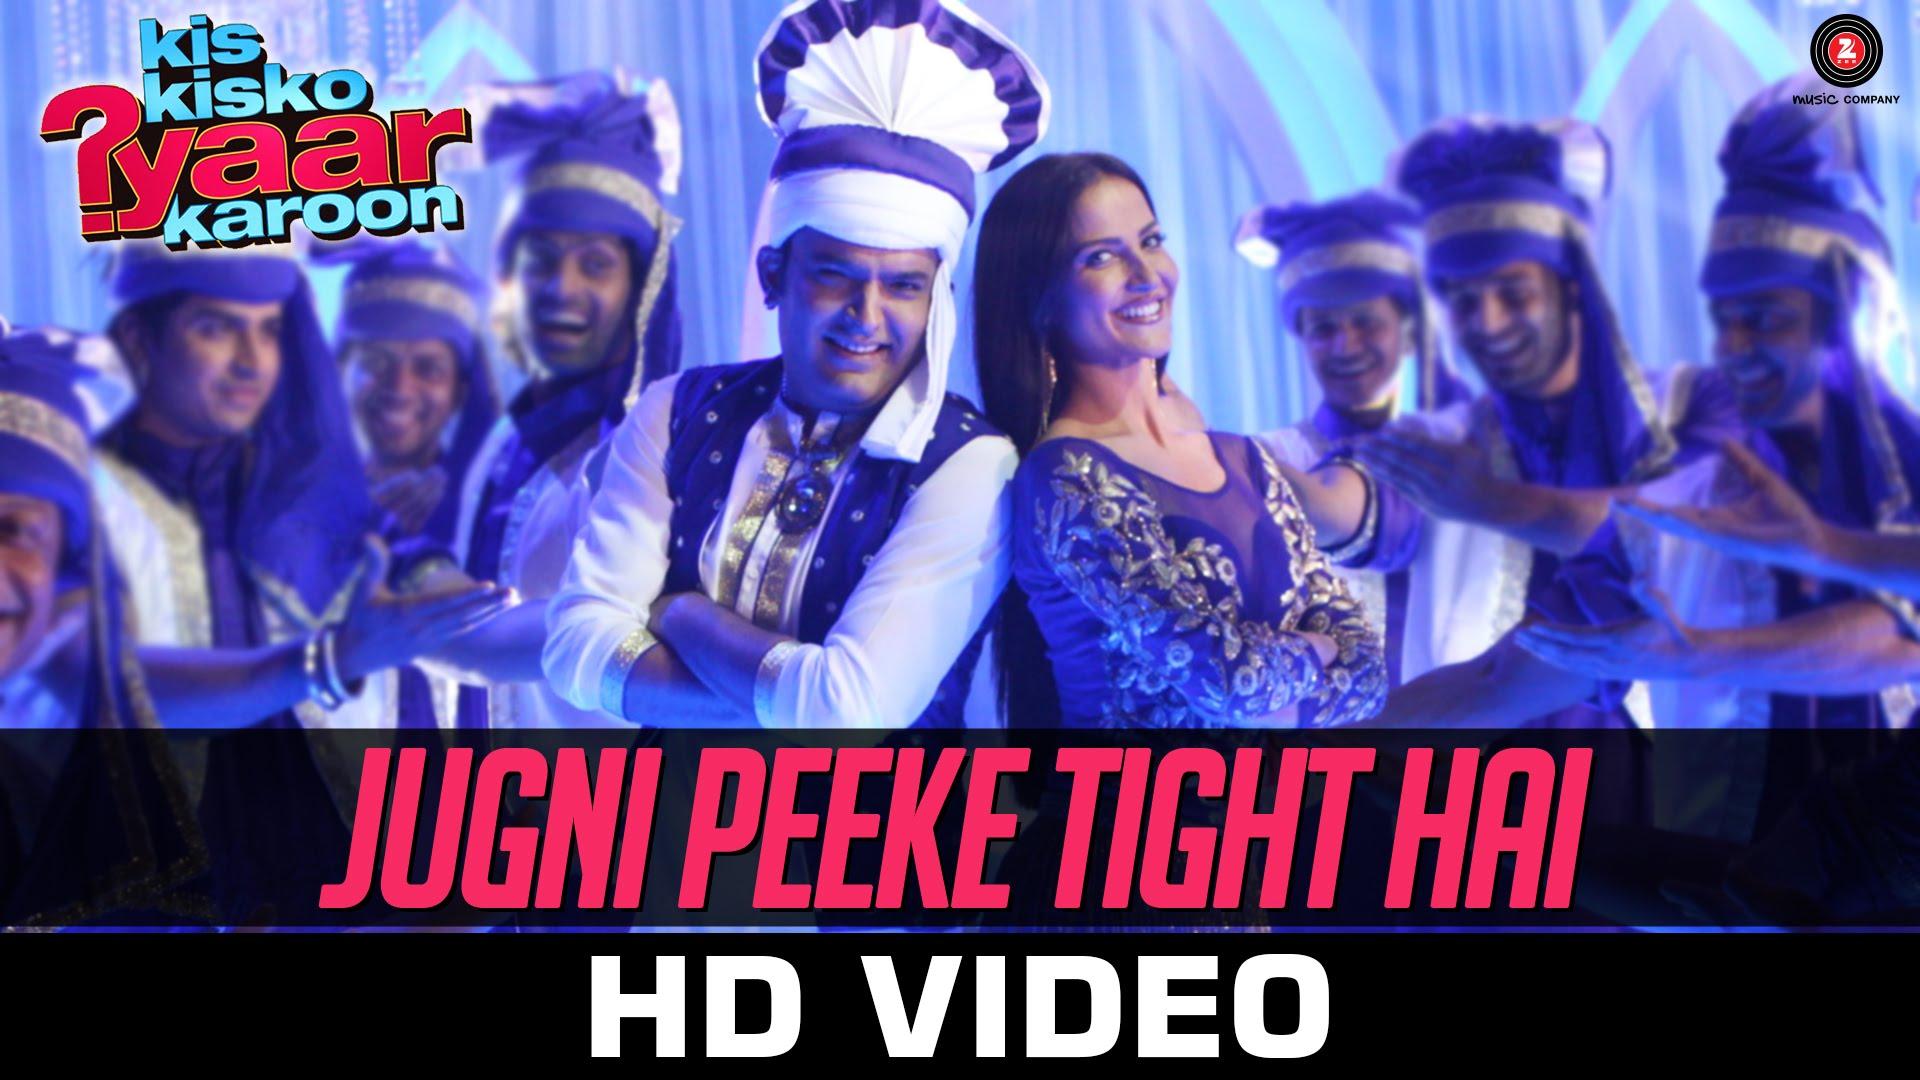 New Song Alert  Jugni from Kis Kisko Pyaar Karoon